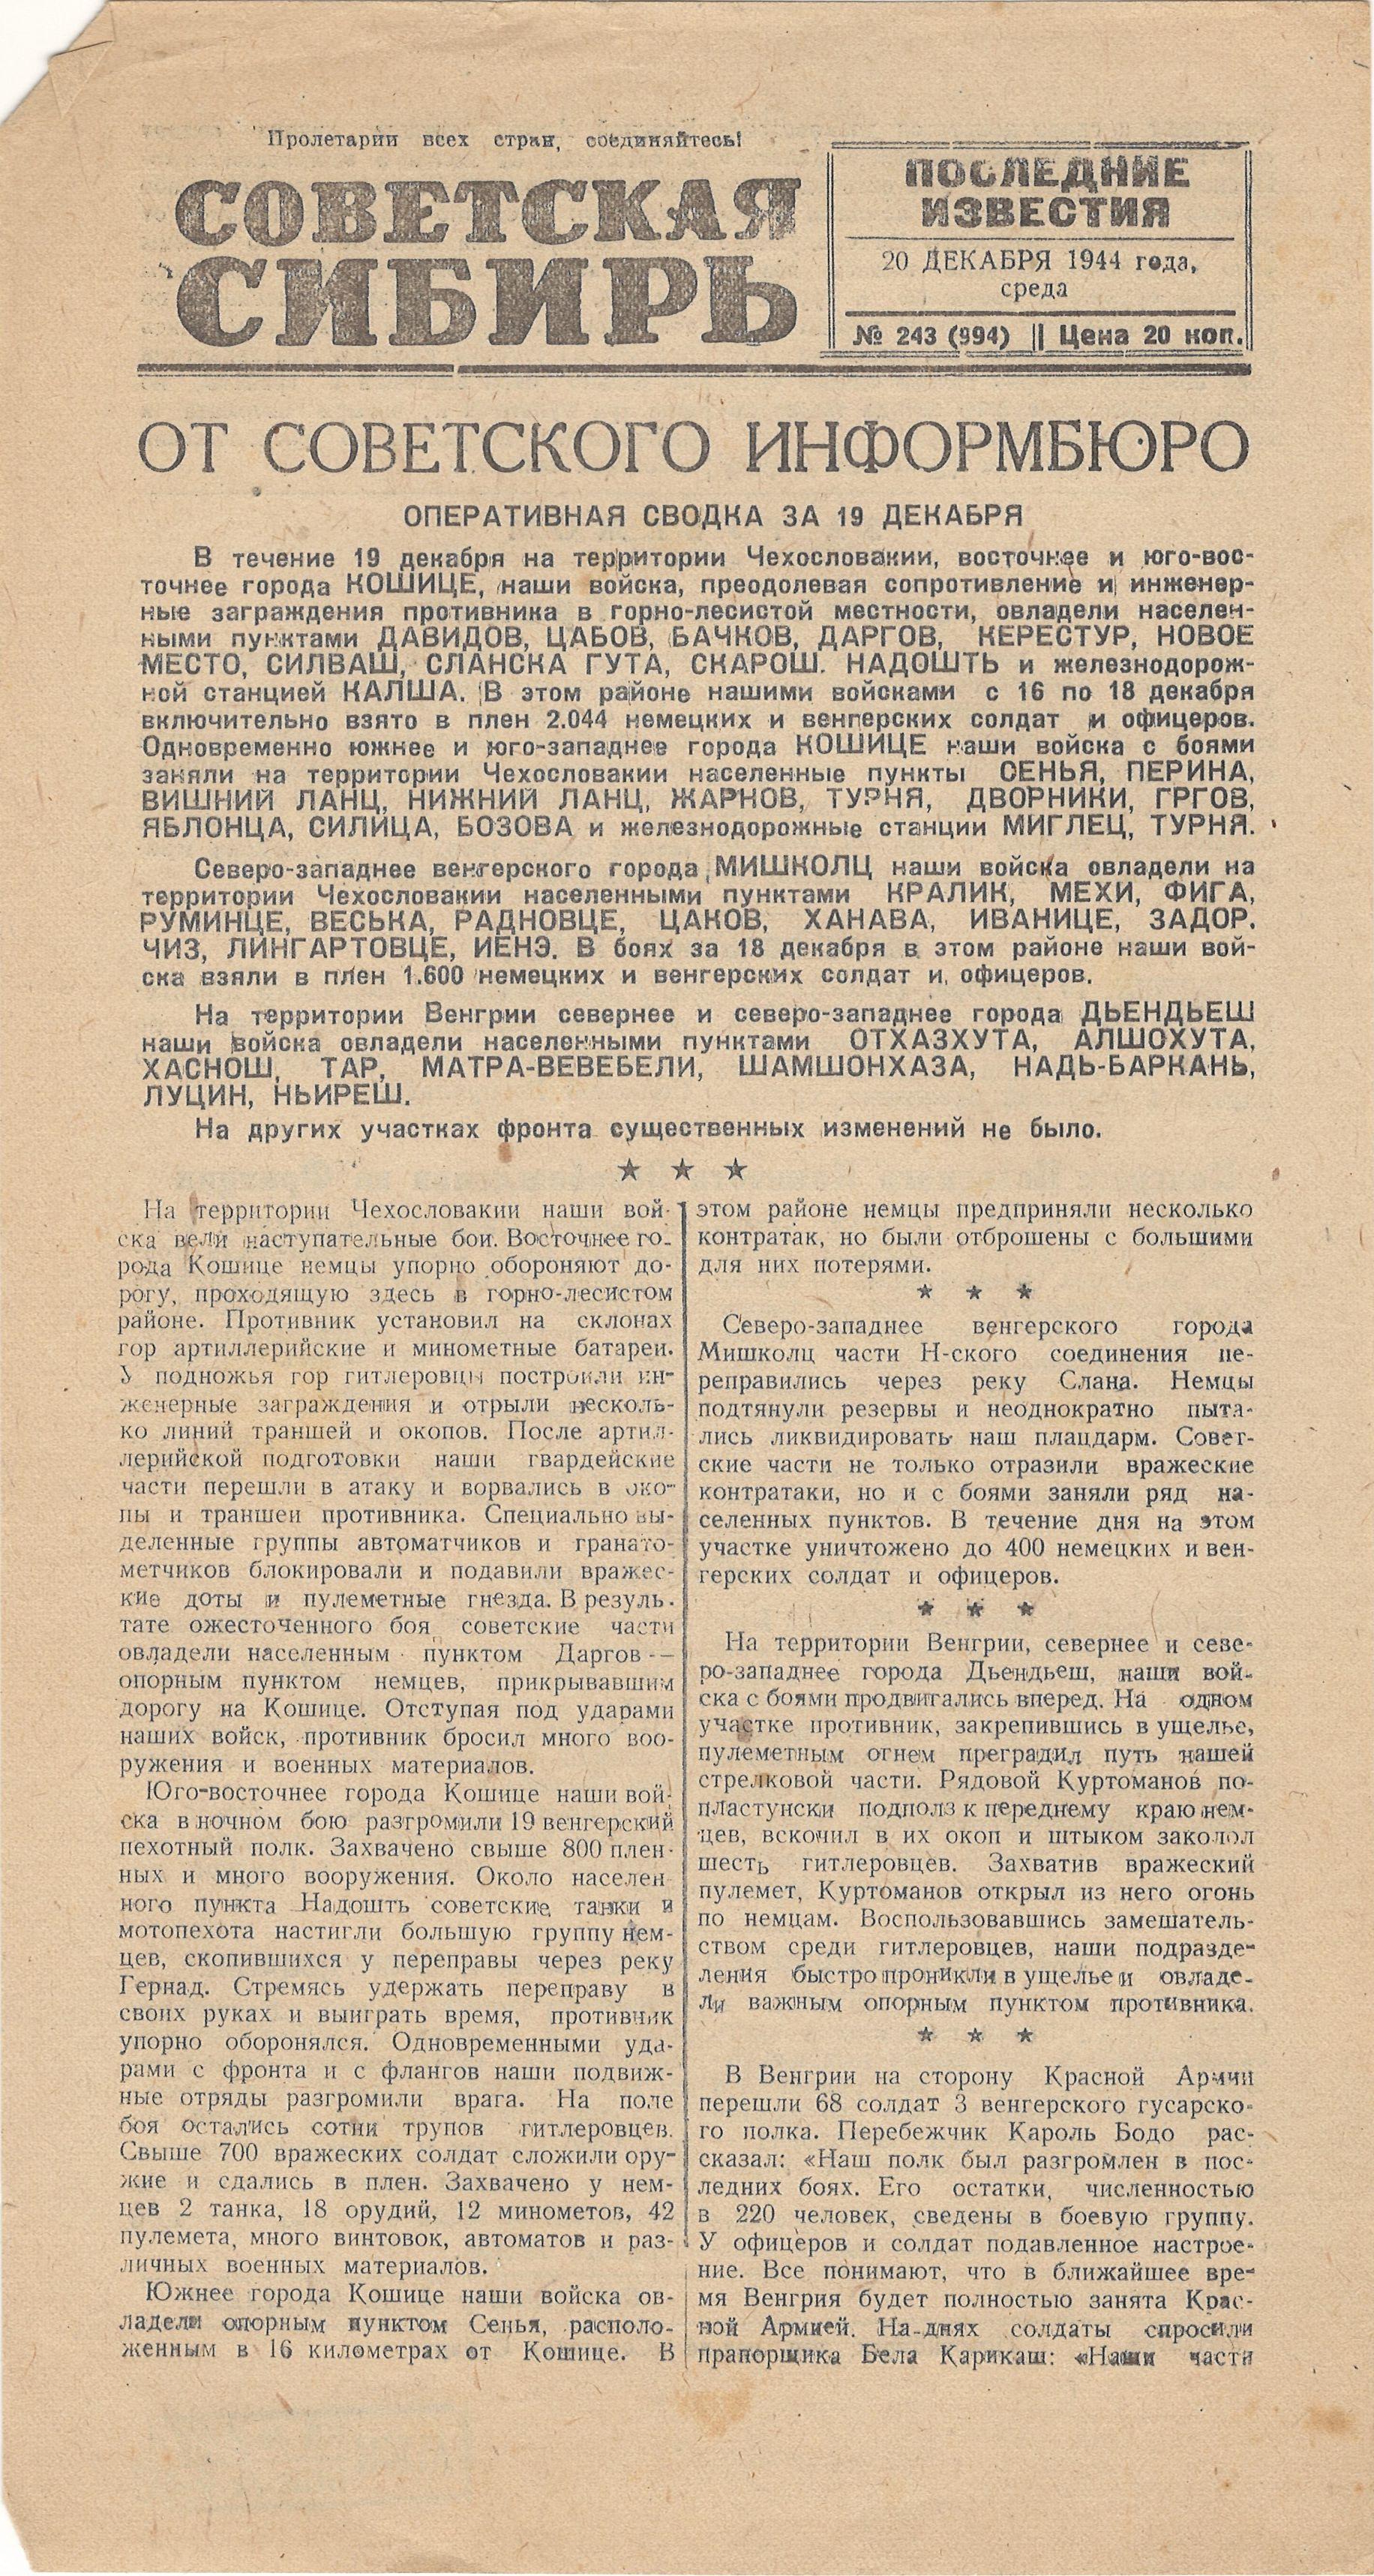 """Газети. Газета """"Советская Сибирь"""" № 243 від  20 грудня 1944р."""